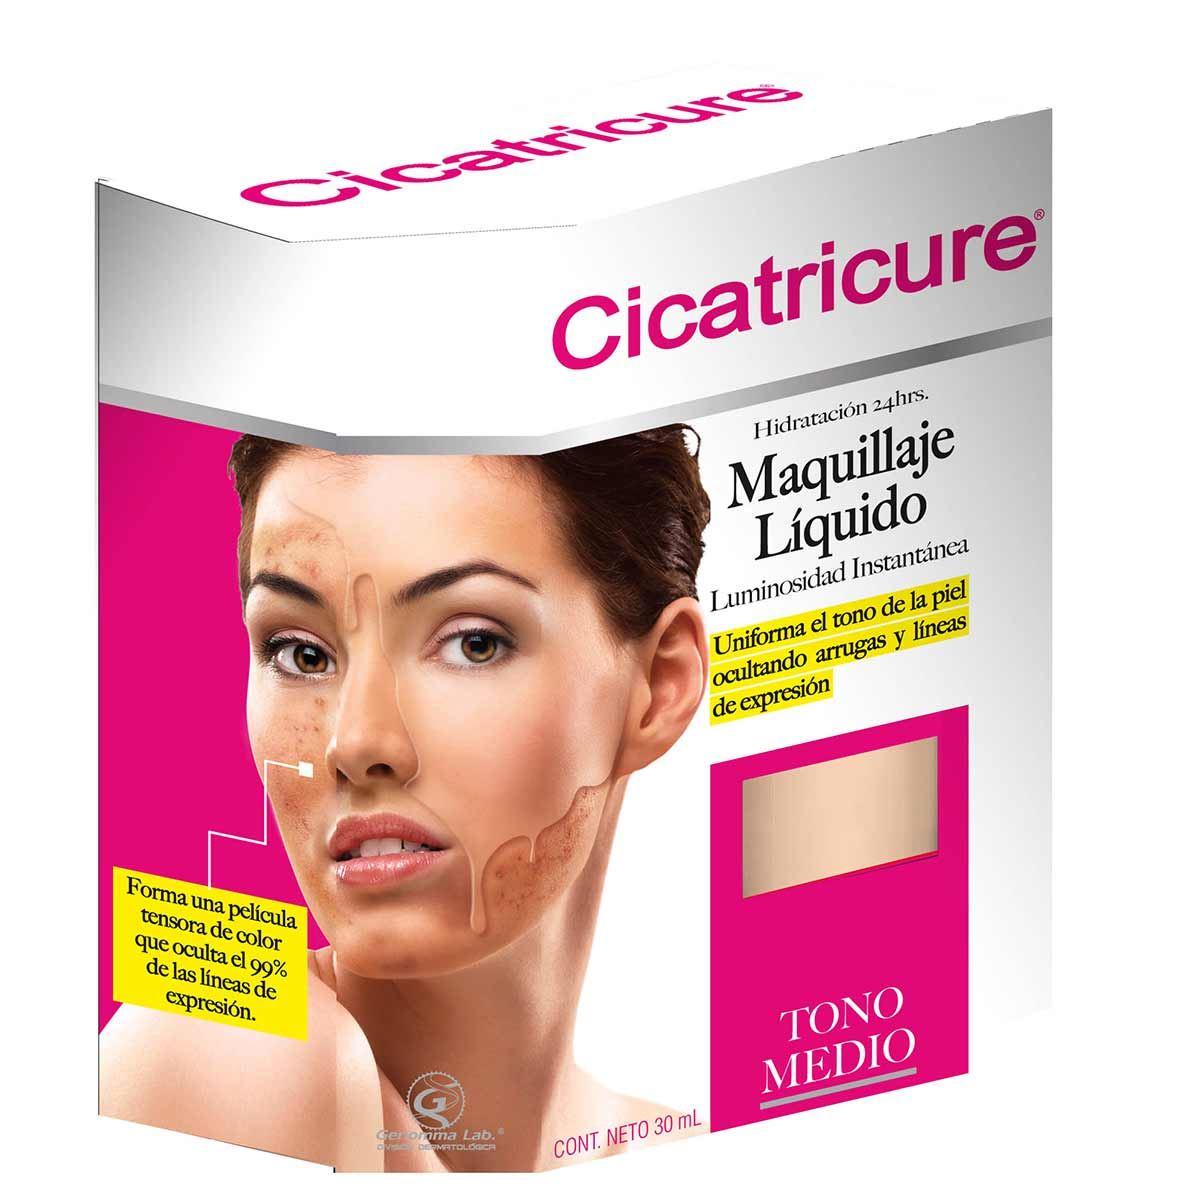 Cicatricure Maquillaje Líquido Medio 30 ml E12